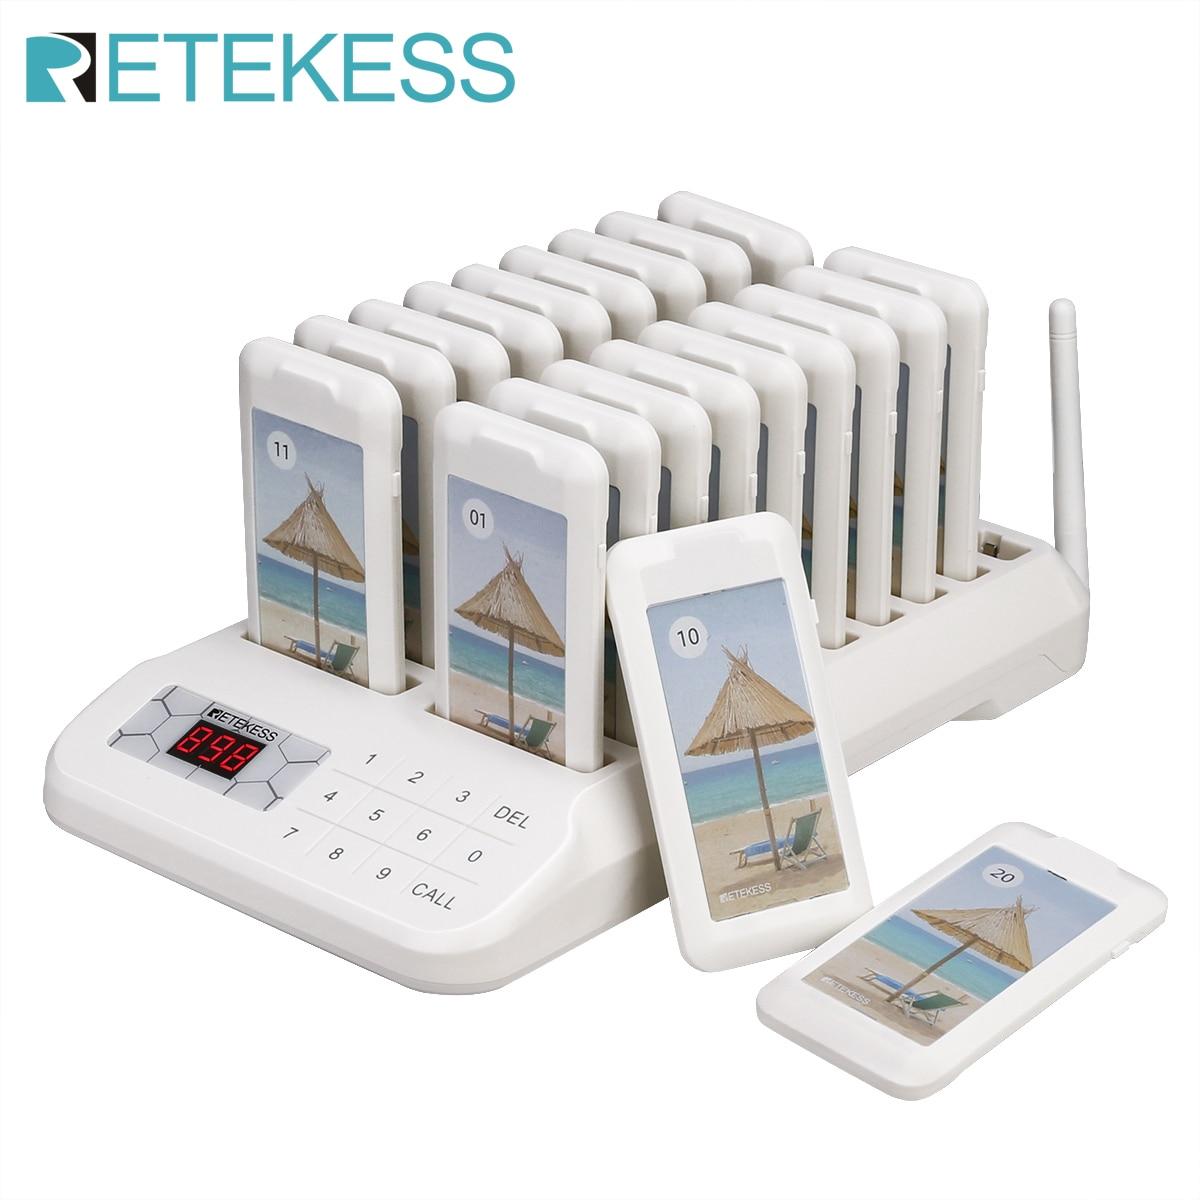 Retekess td172 restaurante pager sistema de chamada sem fio com 20 pagers coaster fila sistema para restaurante igreja berçário clínica